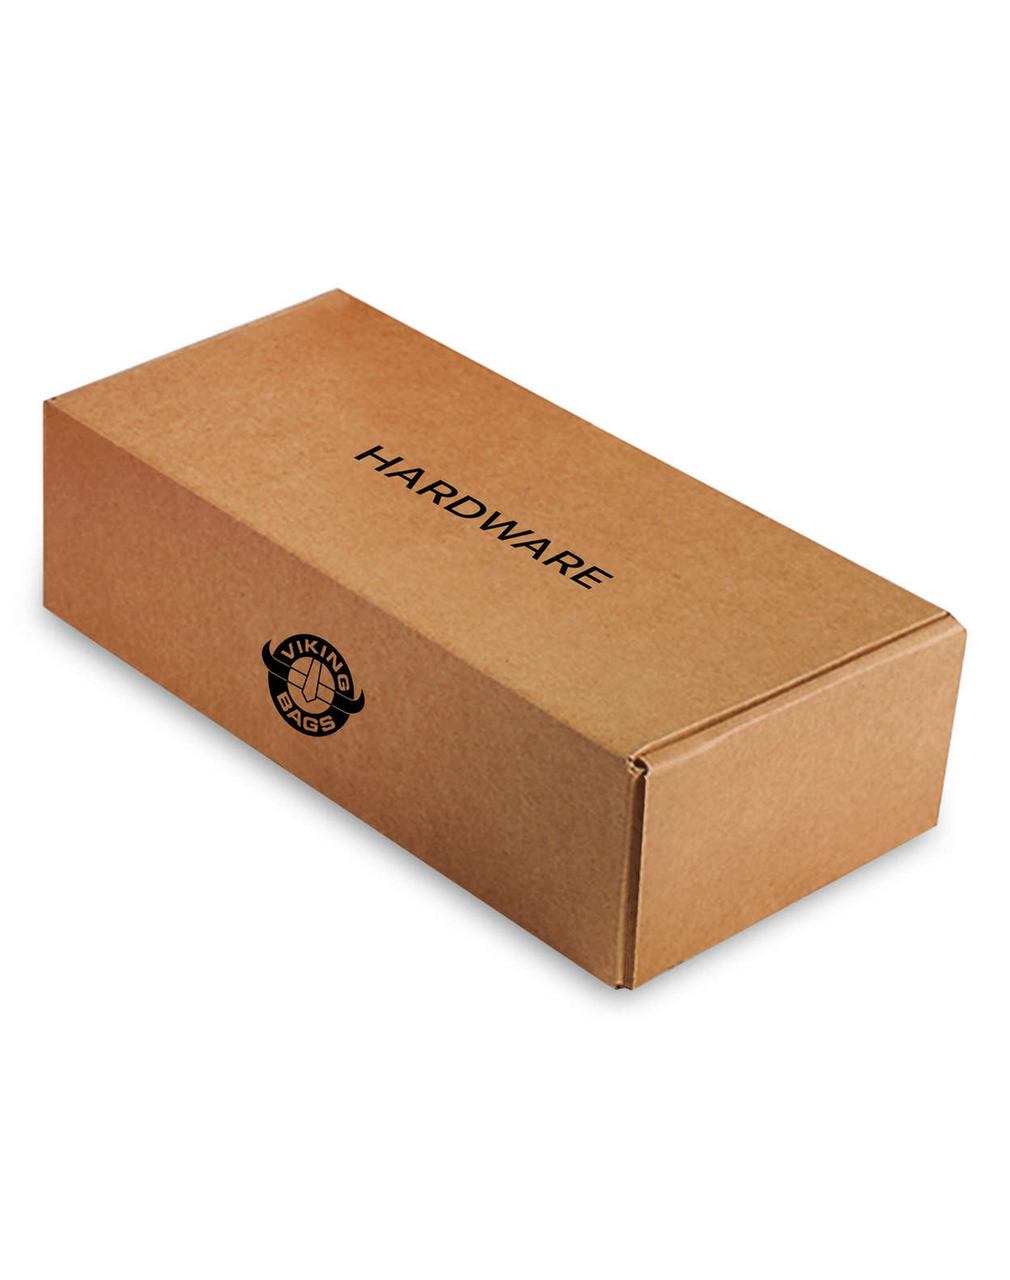 Honda 750 Shadow Aero Lamellar Extra Large Shock Cutout Leather Covered Motorcycle Hard Saddlebags Hardware Box